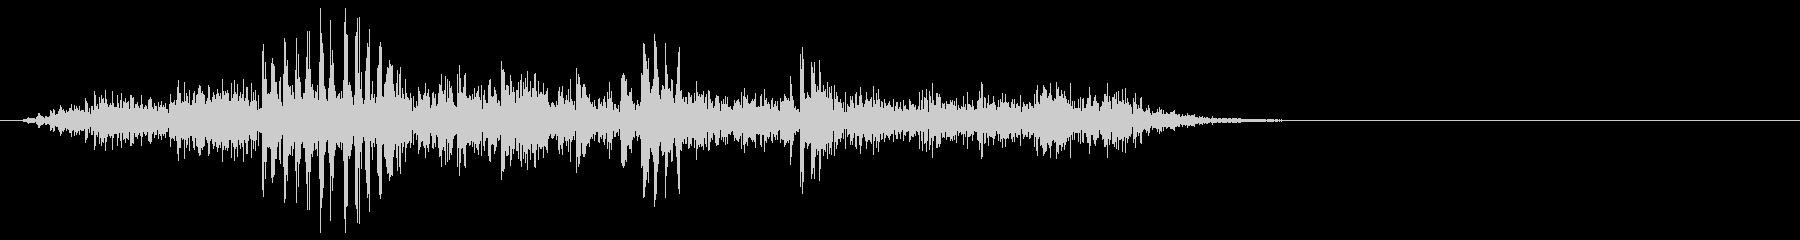 [生音]ビー玉が転がる04(ショート)の未再生の波形